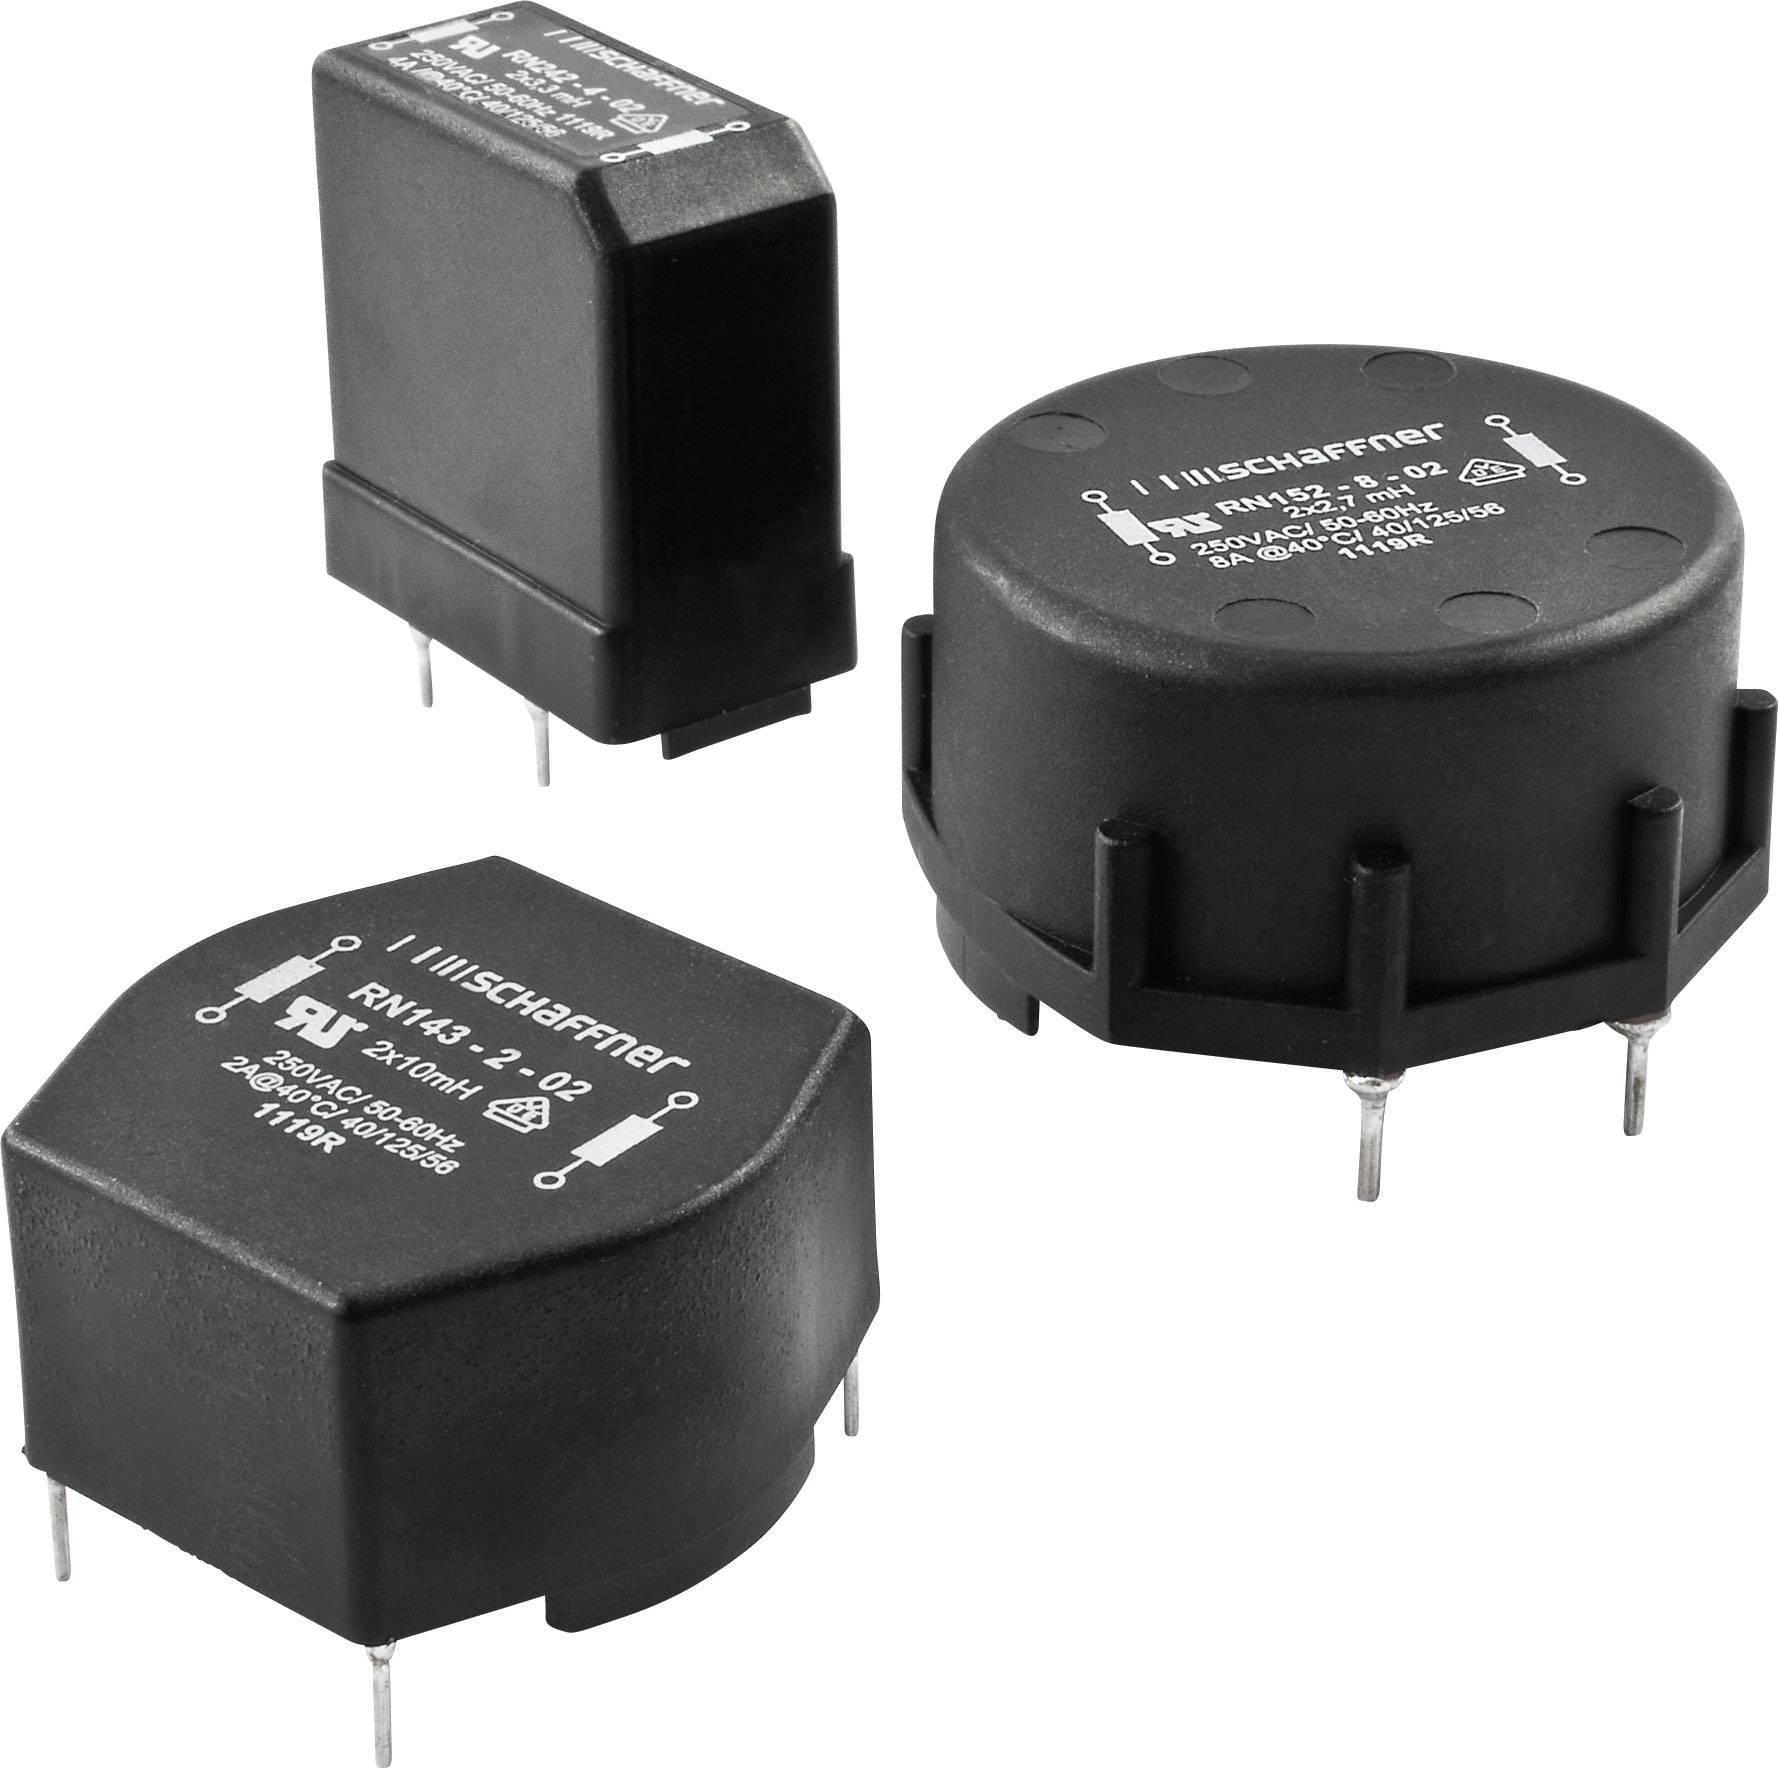 Odrušovací filter Schaffner RN152-4-02 RN152-4-02, 250 V/AC, 4 A, 6.8 mH, (d x š x v) 41.8 x 43 x 25 mm, 1 ks